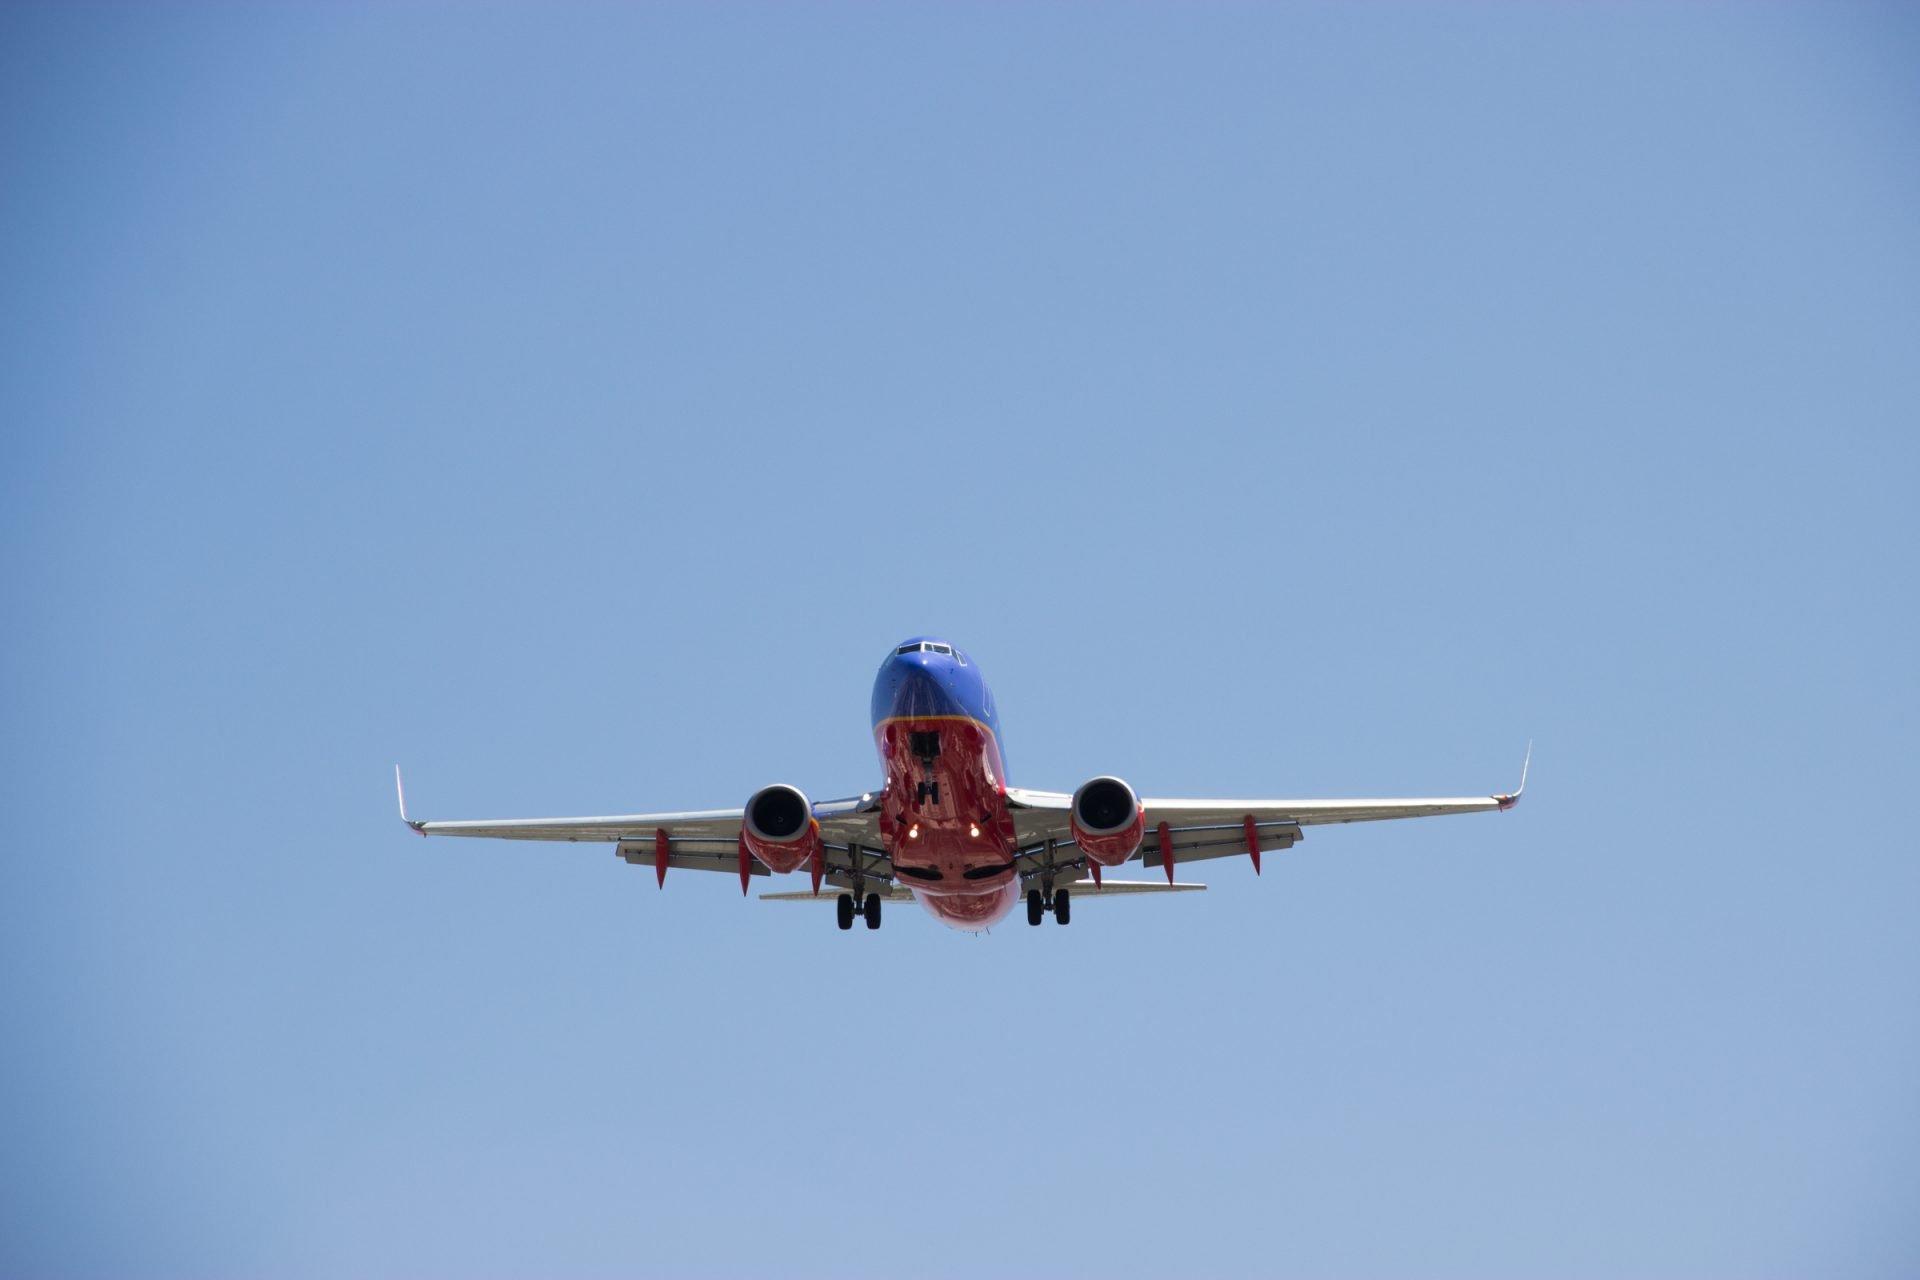 Airplane in Sky Landing